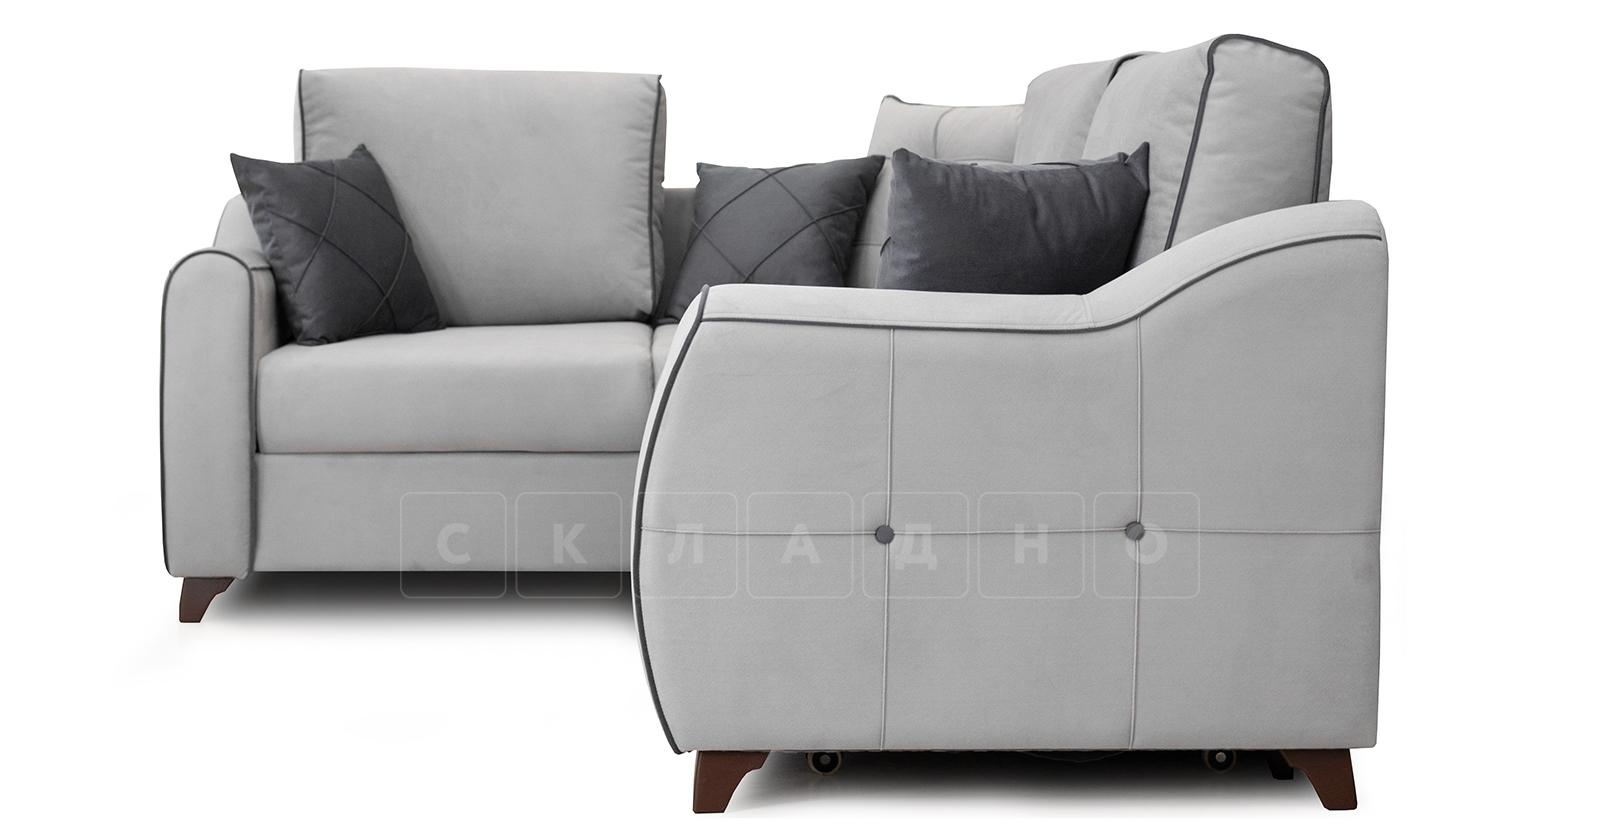 Диван-кровать угловой Флэтфорд светло-серый фото 3 | интернет-магазин Складно